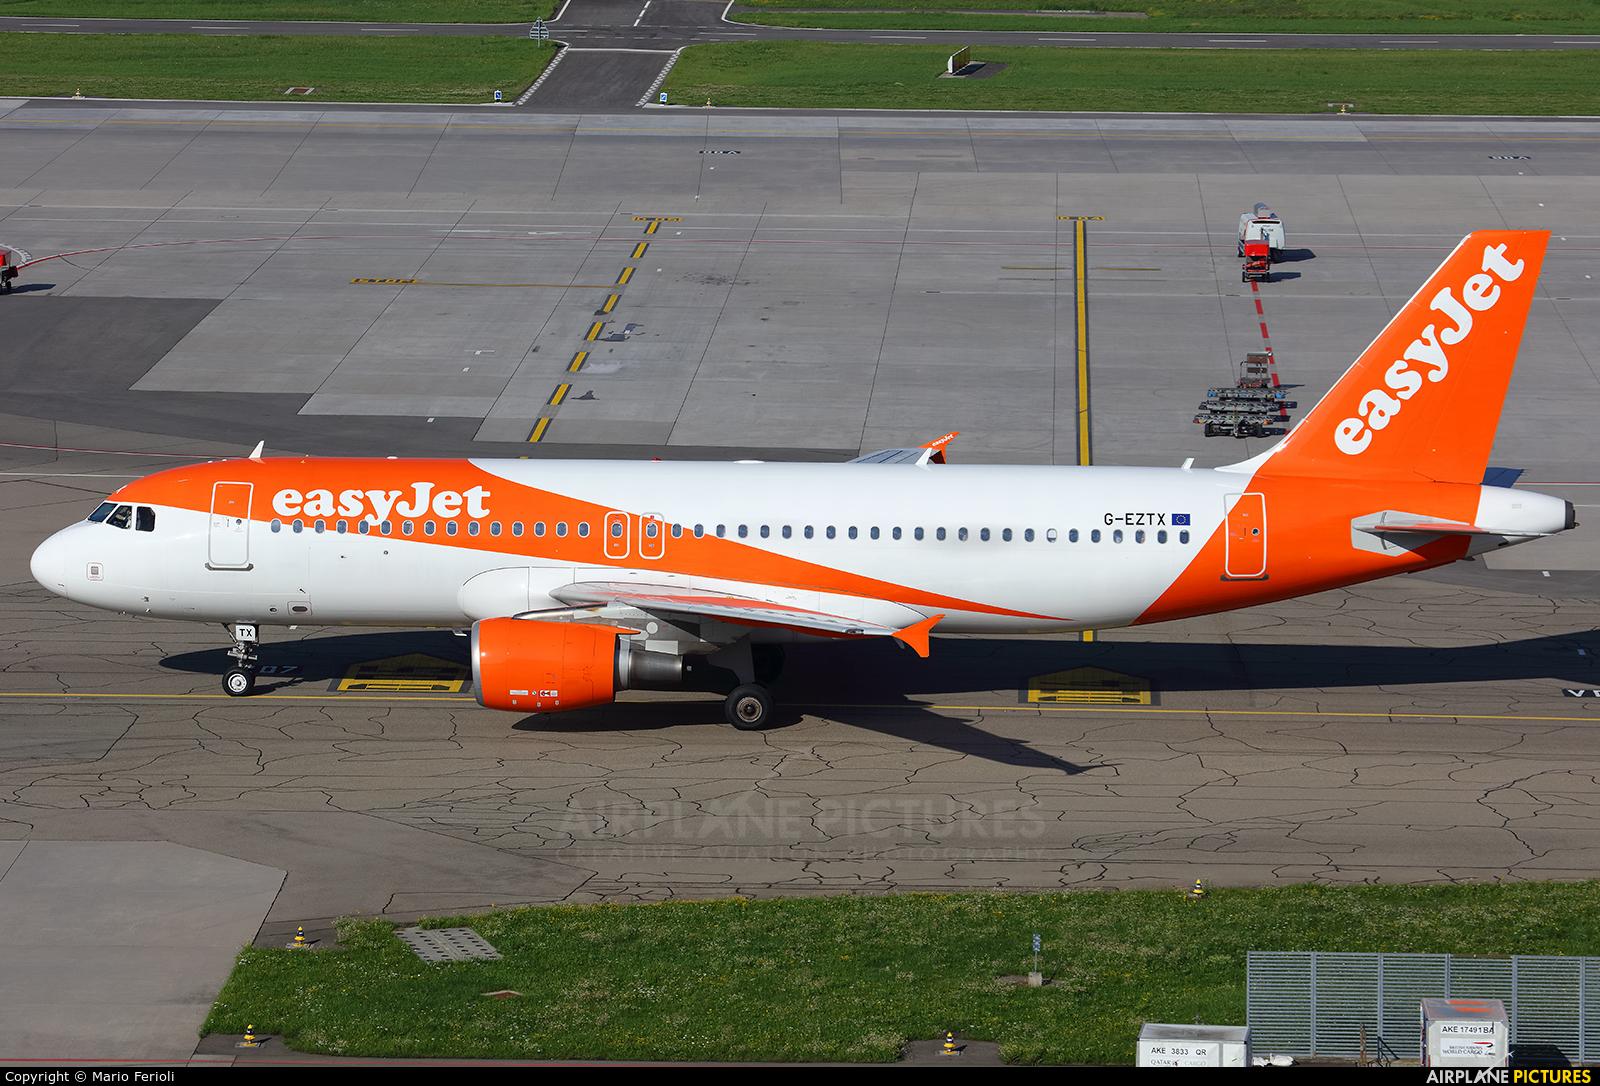 easyJet G-EZTX aircraft at Zurich